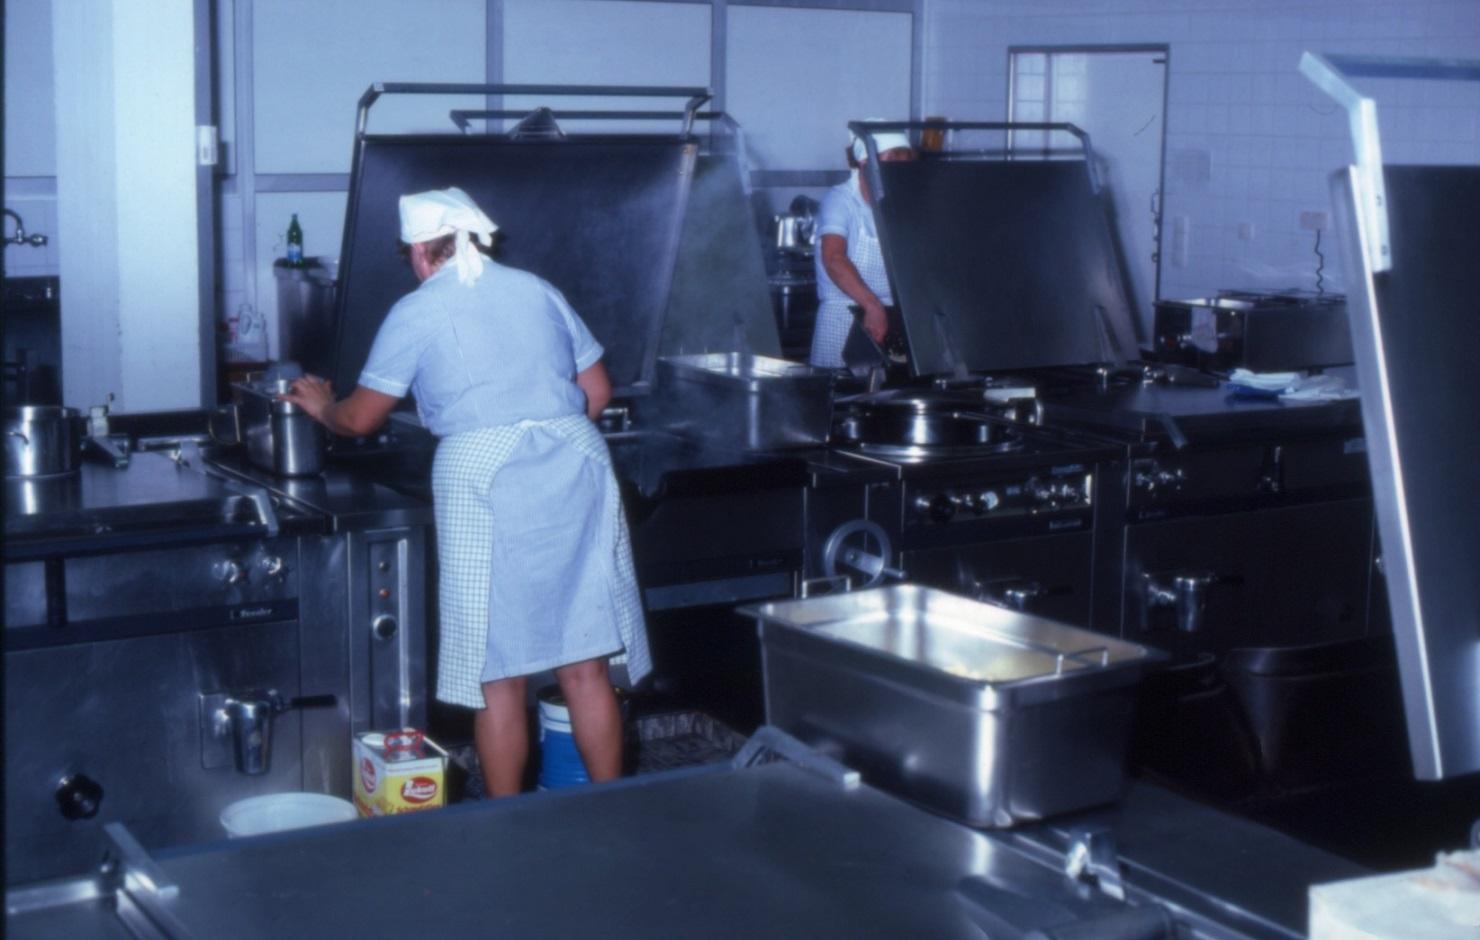 großküche der kantine (bild: deutsche rentenversicherung baden